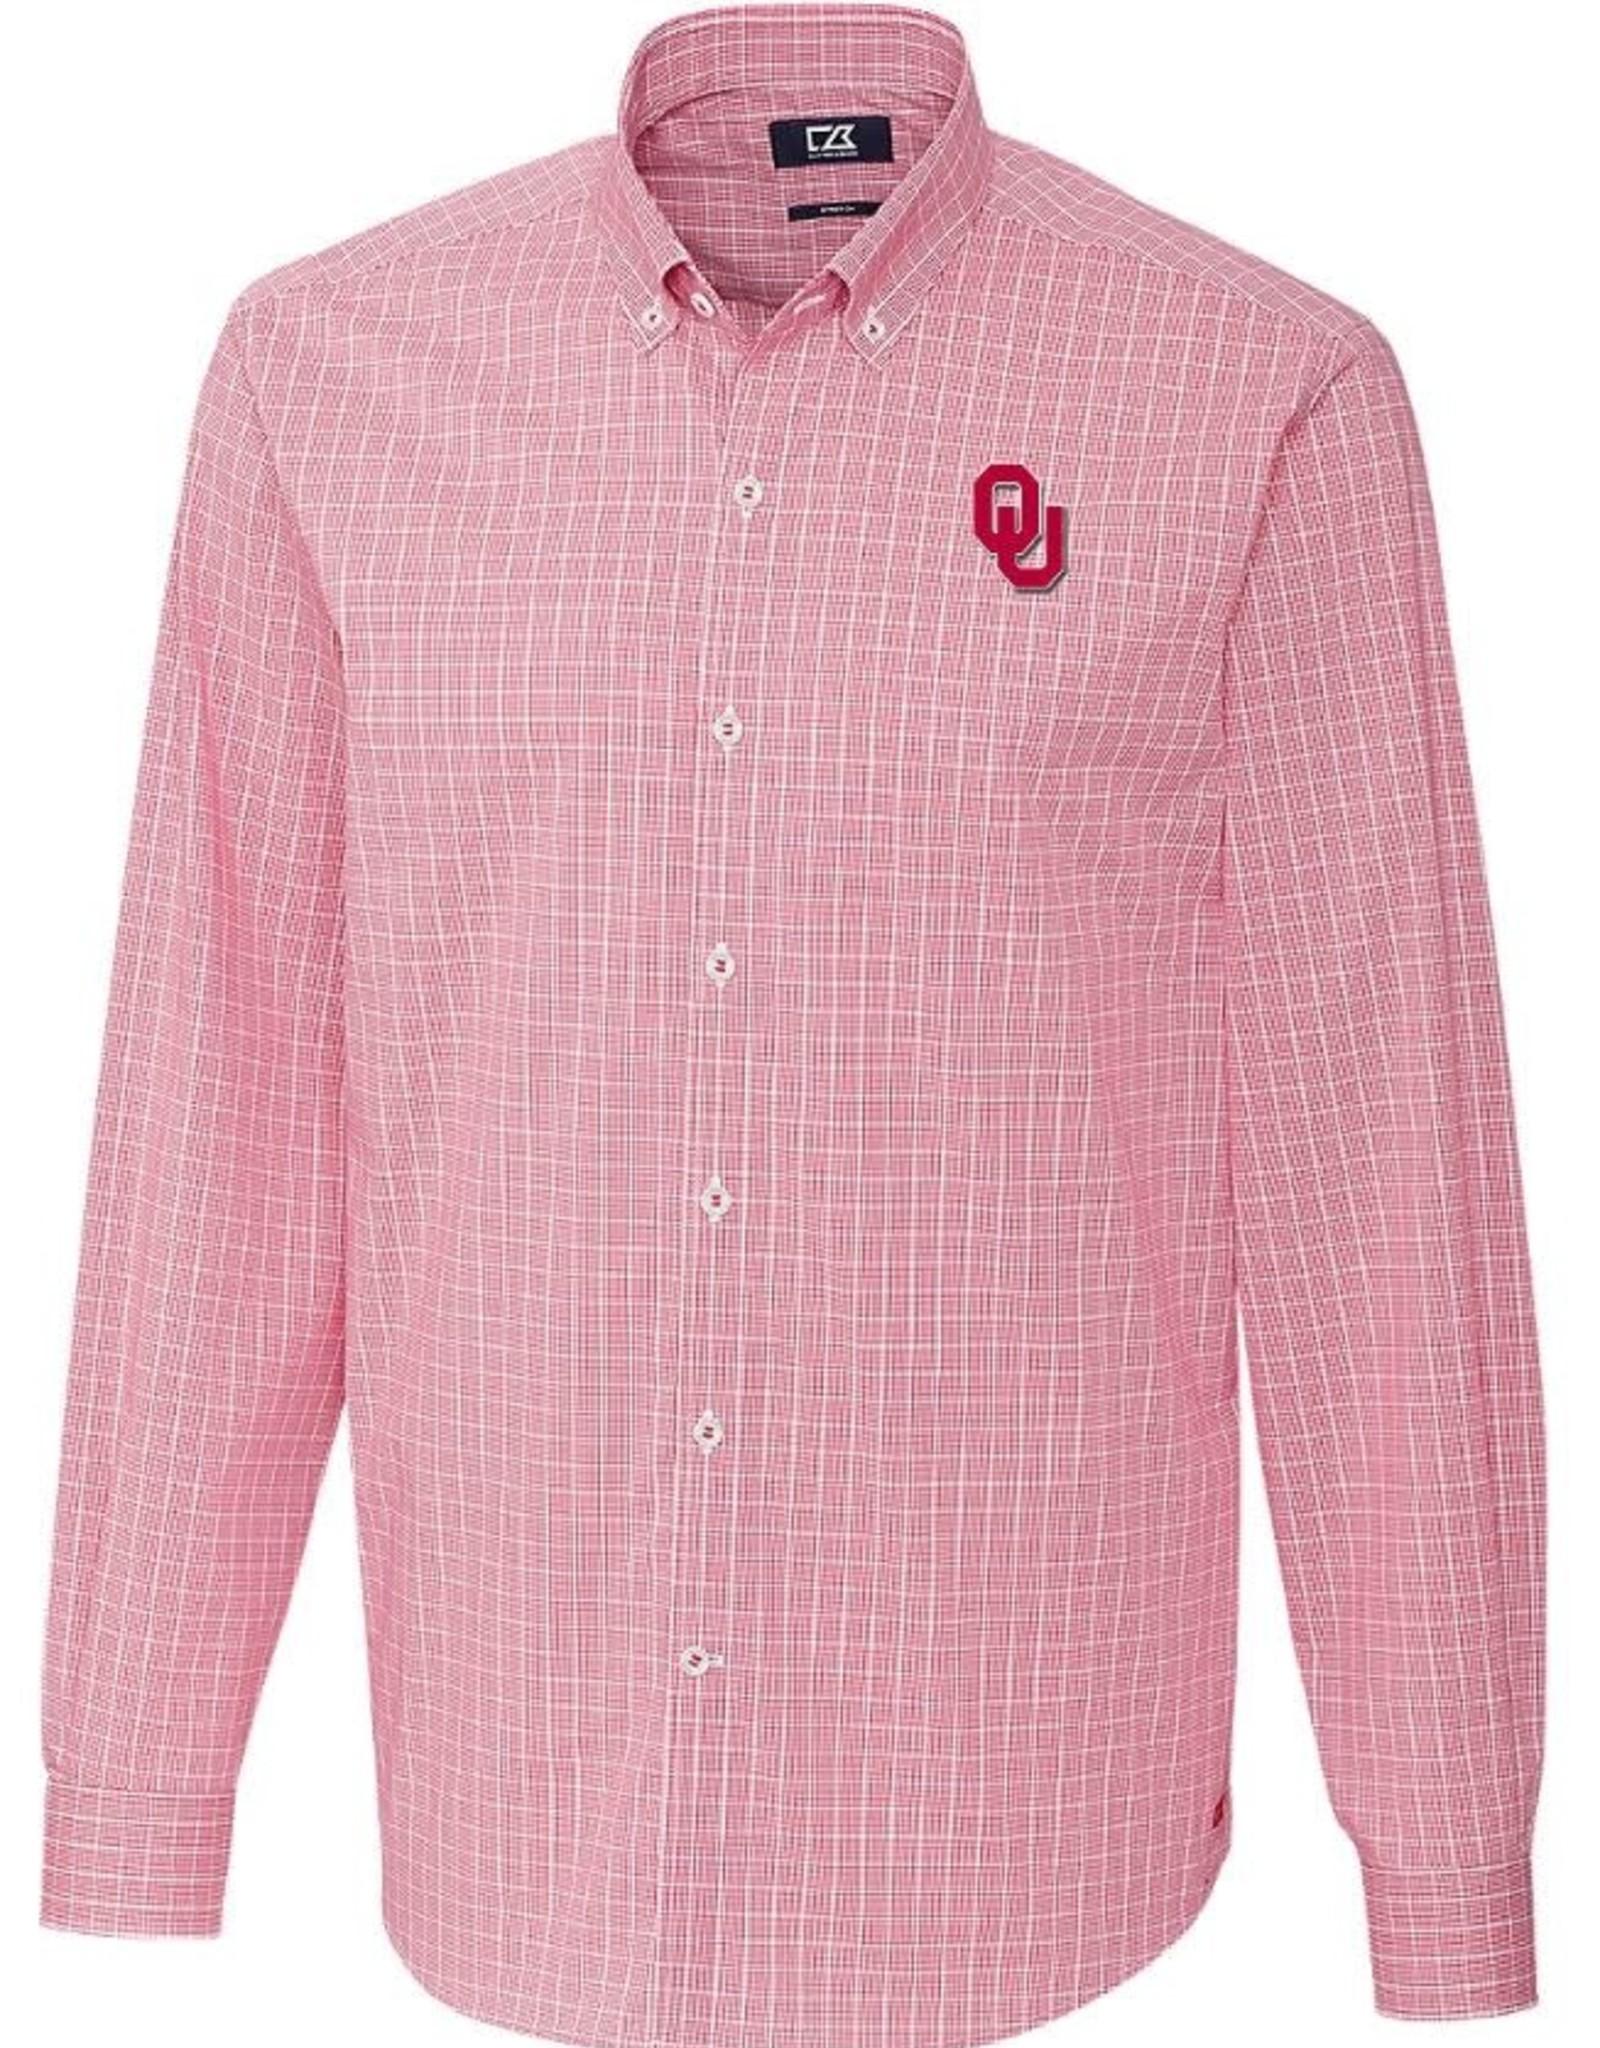 Cutter & Buck Men's Cutter & Buck OU Soar Windowpane Check Dress Shirt